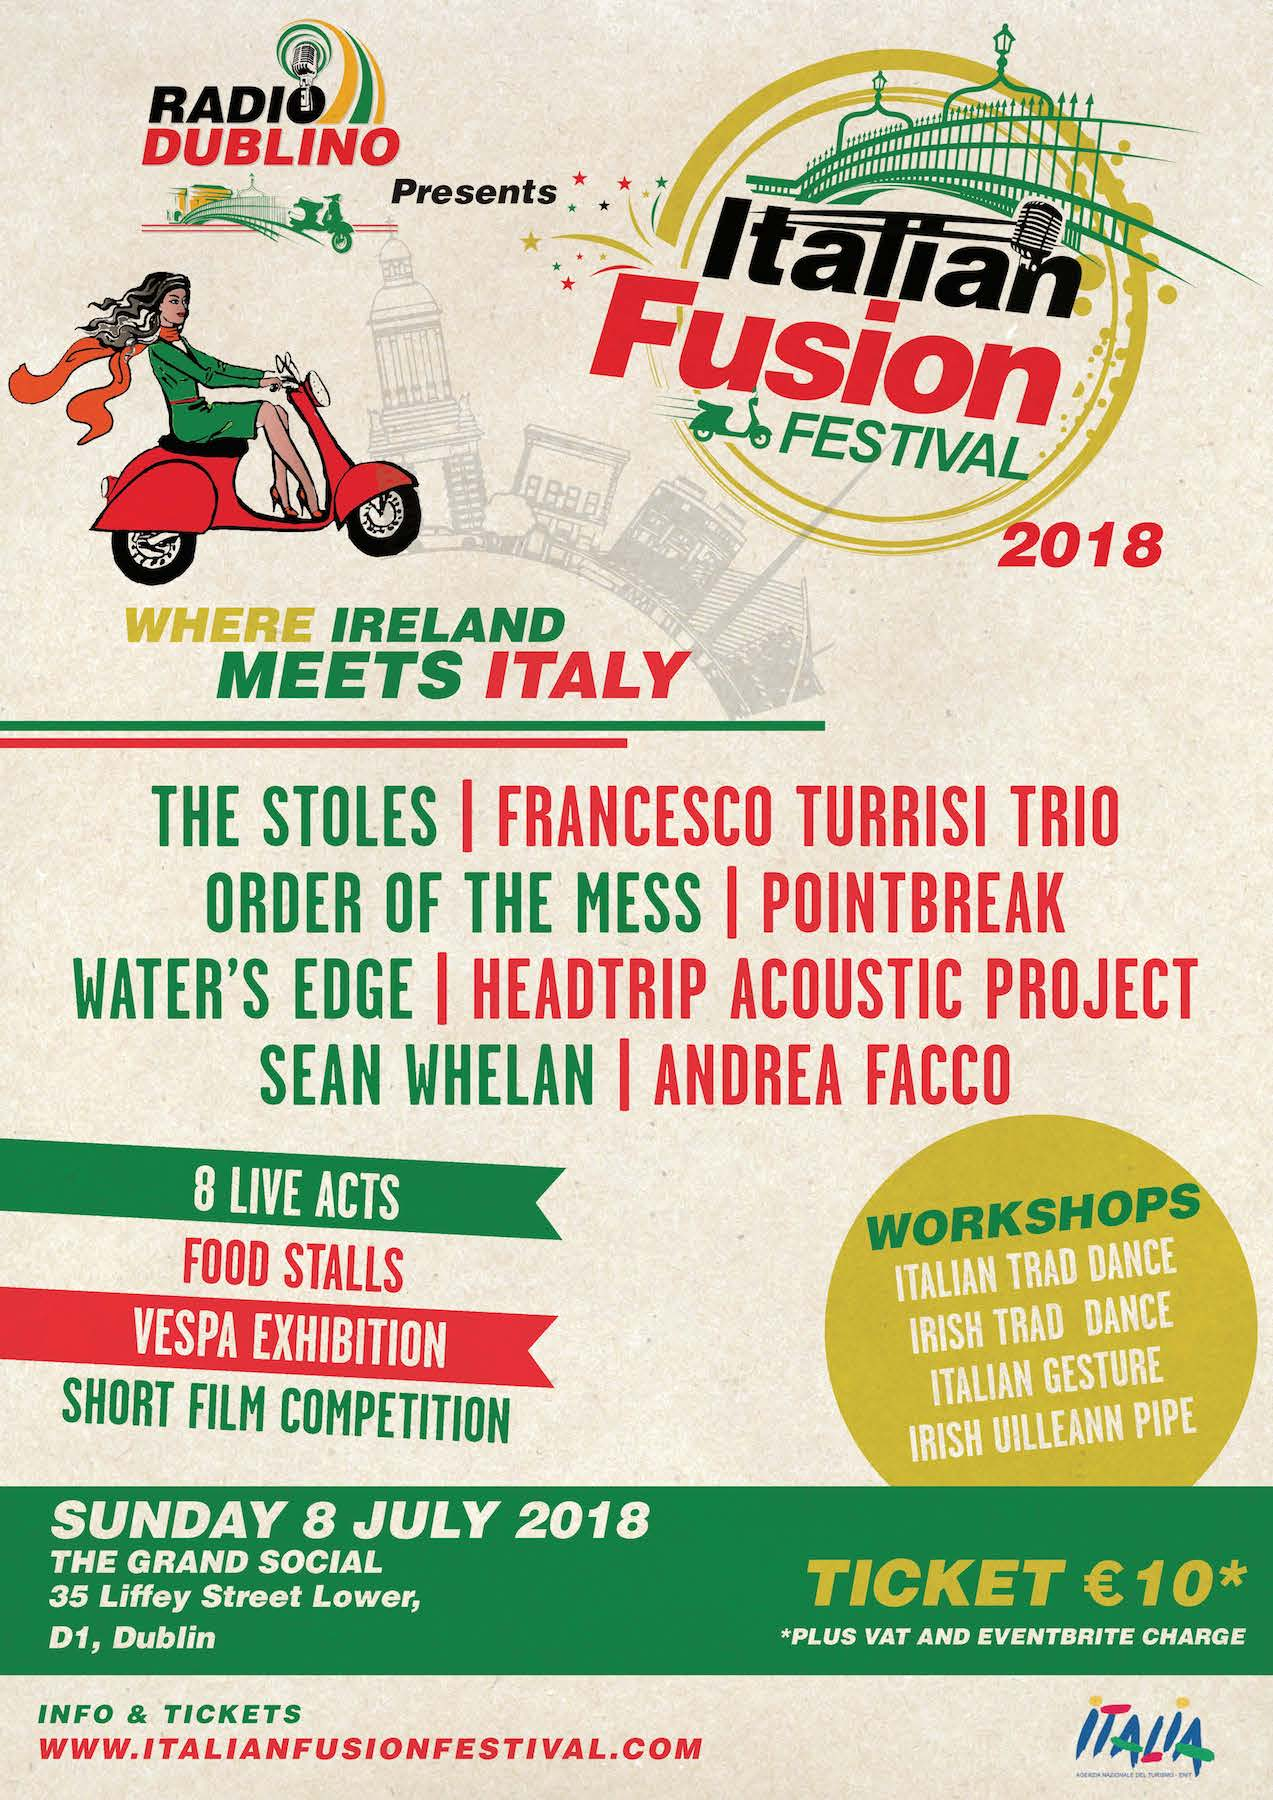 Italian Fusion Festival 2018